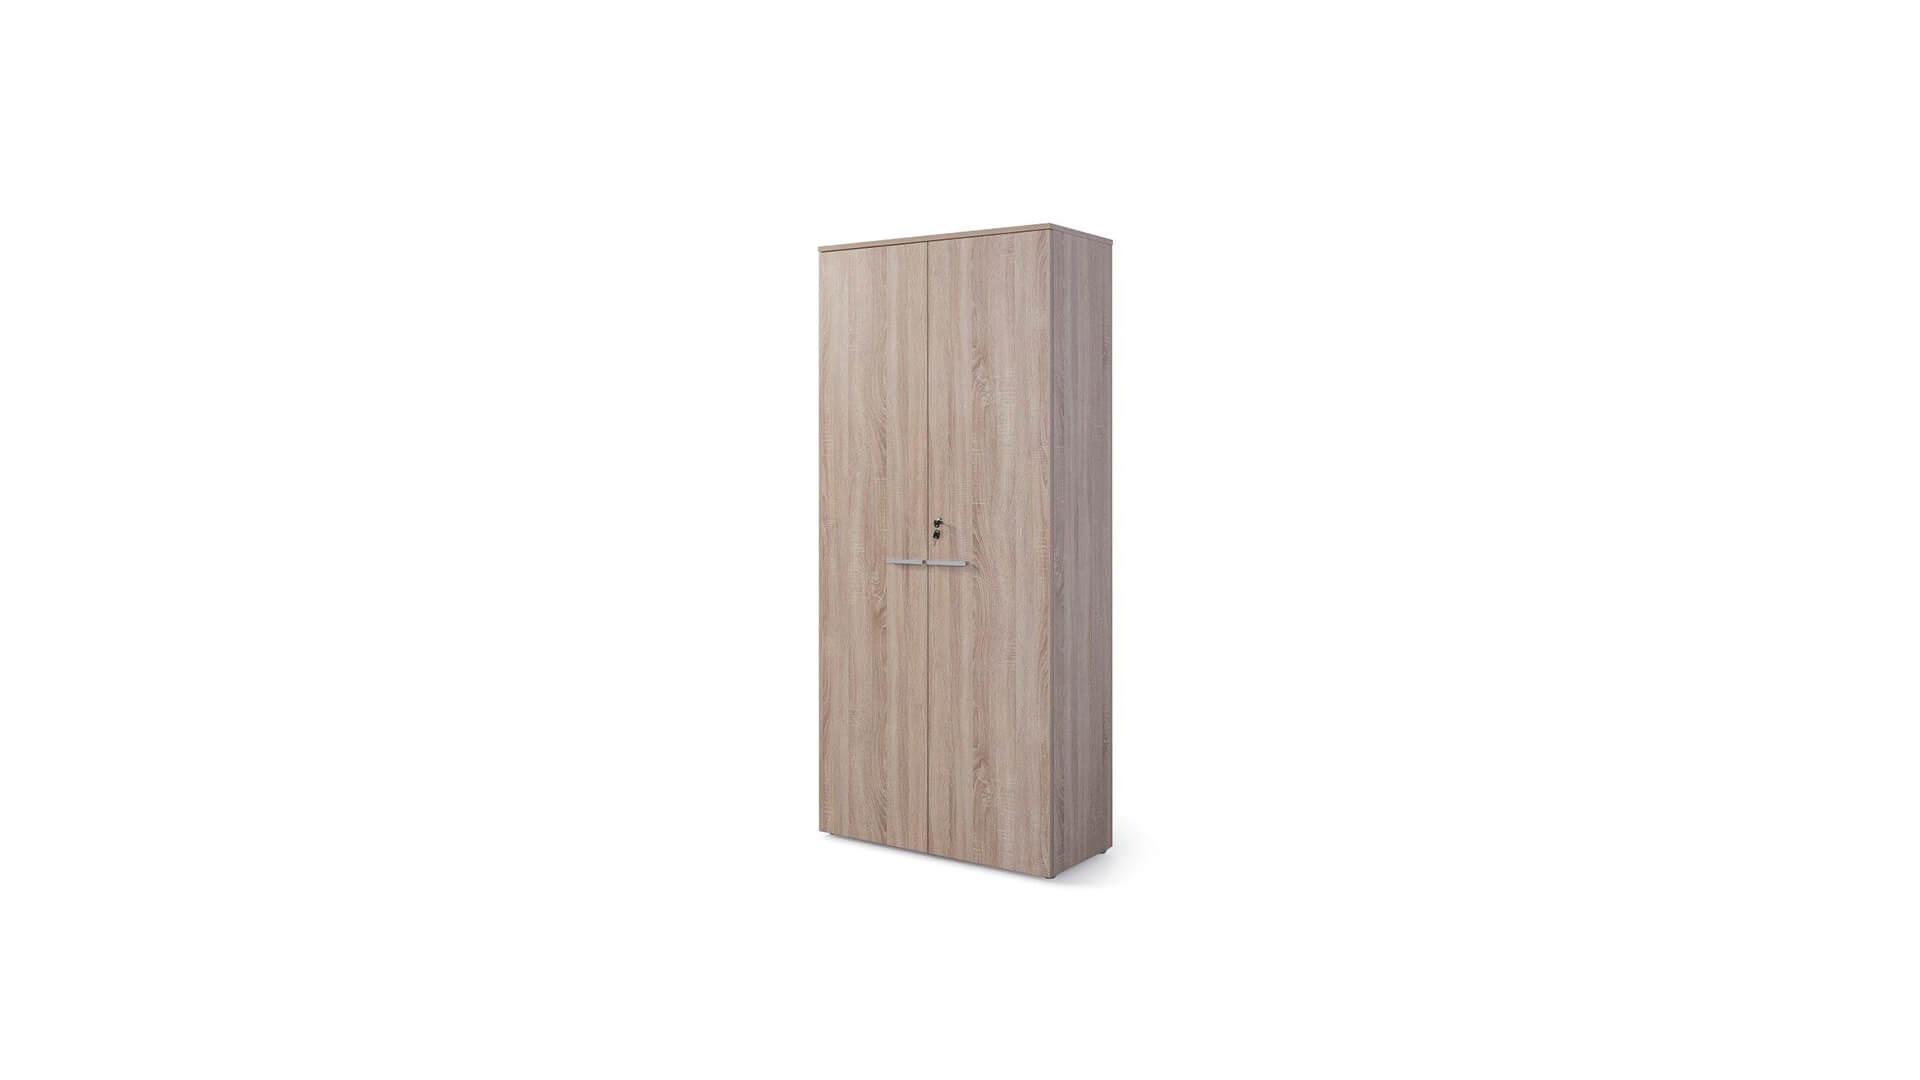 Armario alto cerrado para oficina en madera laminada